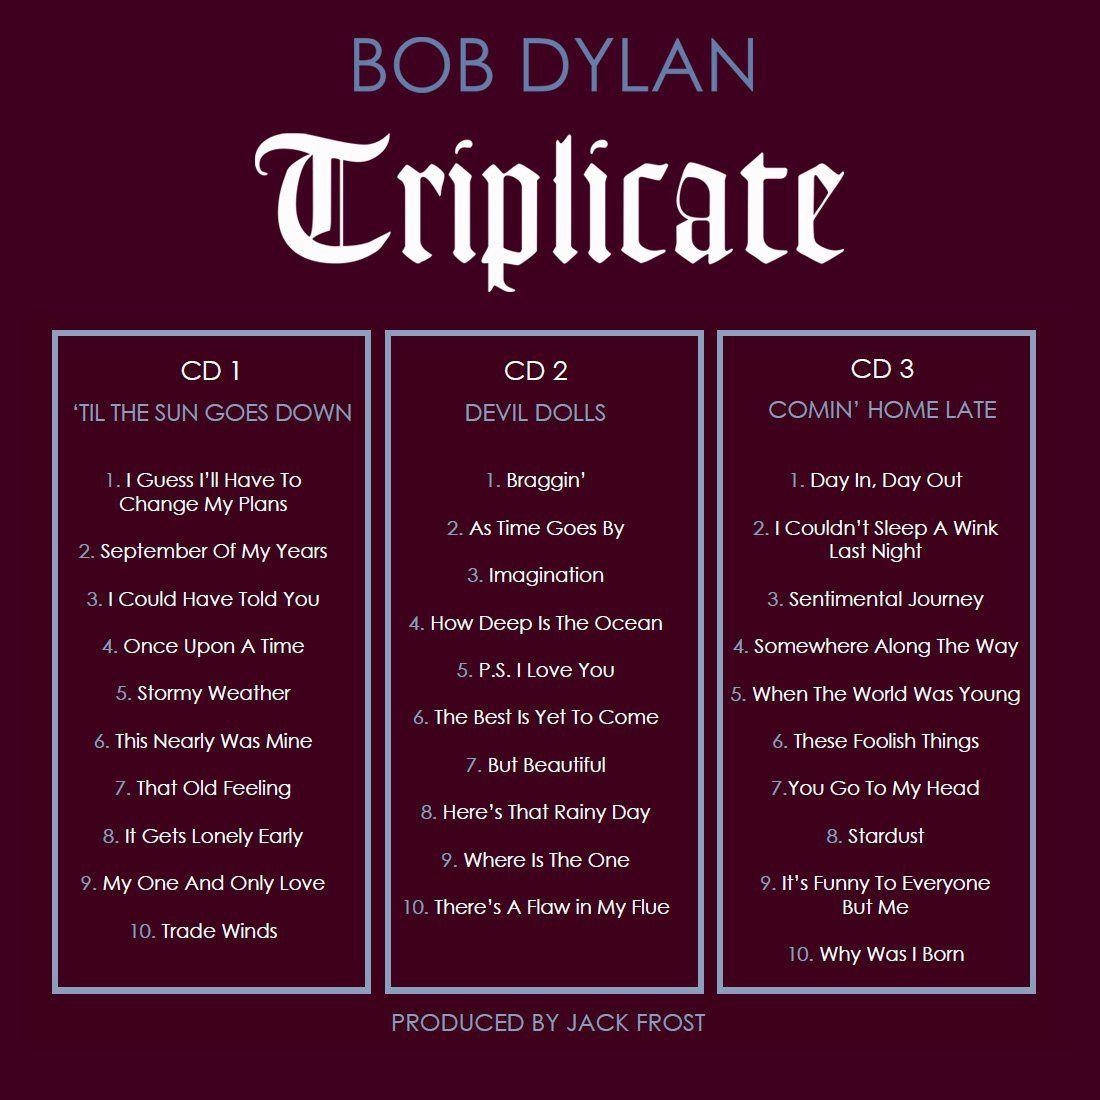 TRIPLICATE LE PREMIER TRIPLE ALBUM DE  BOB DYLAN SORT LE 31 MARS 2017